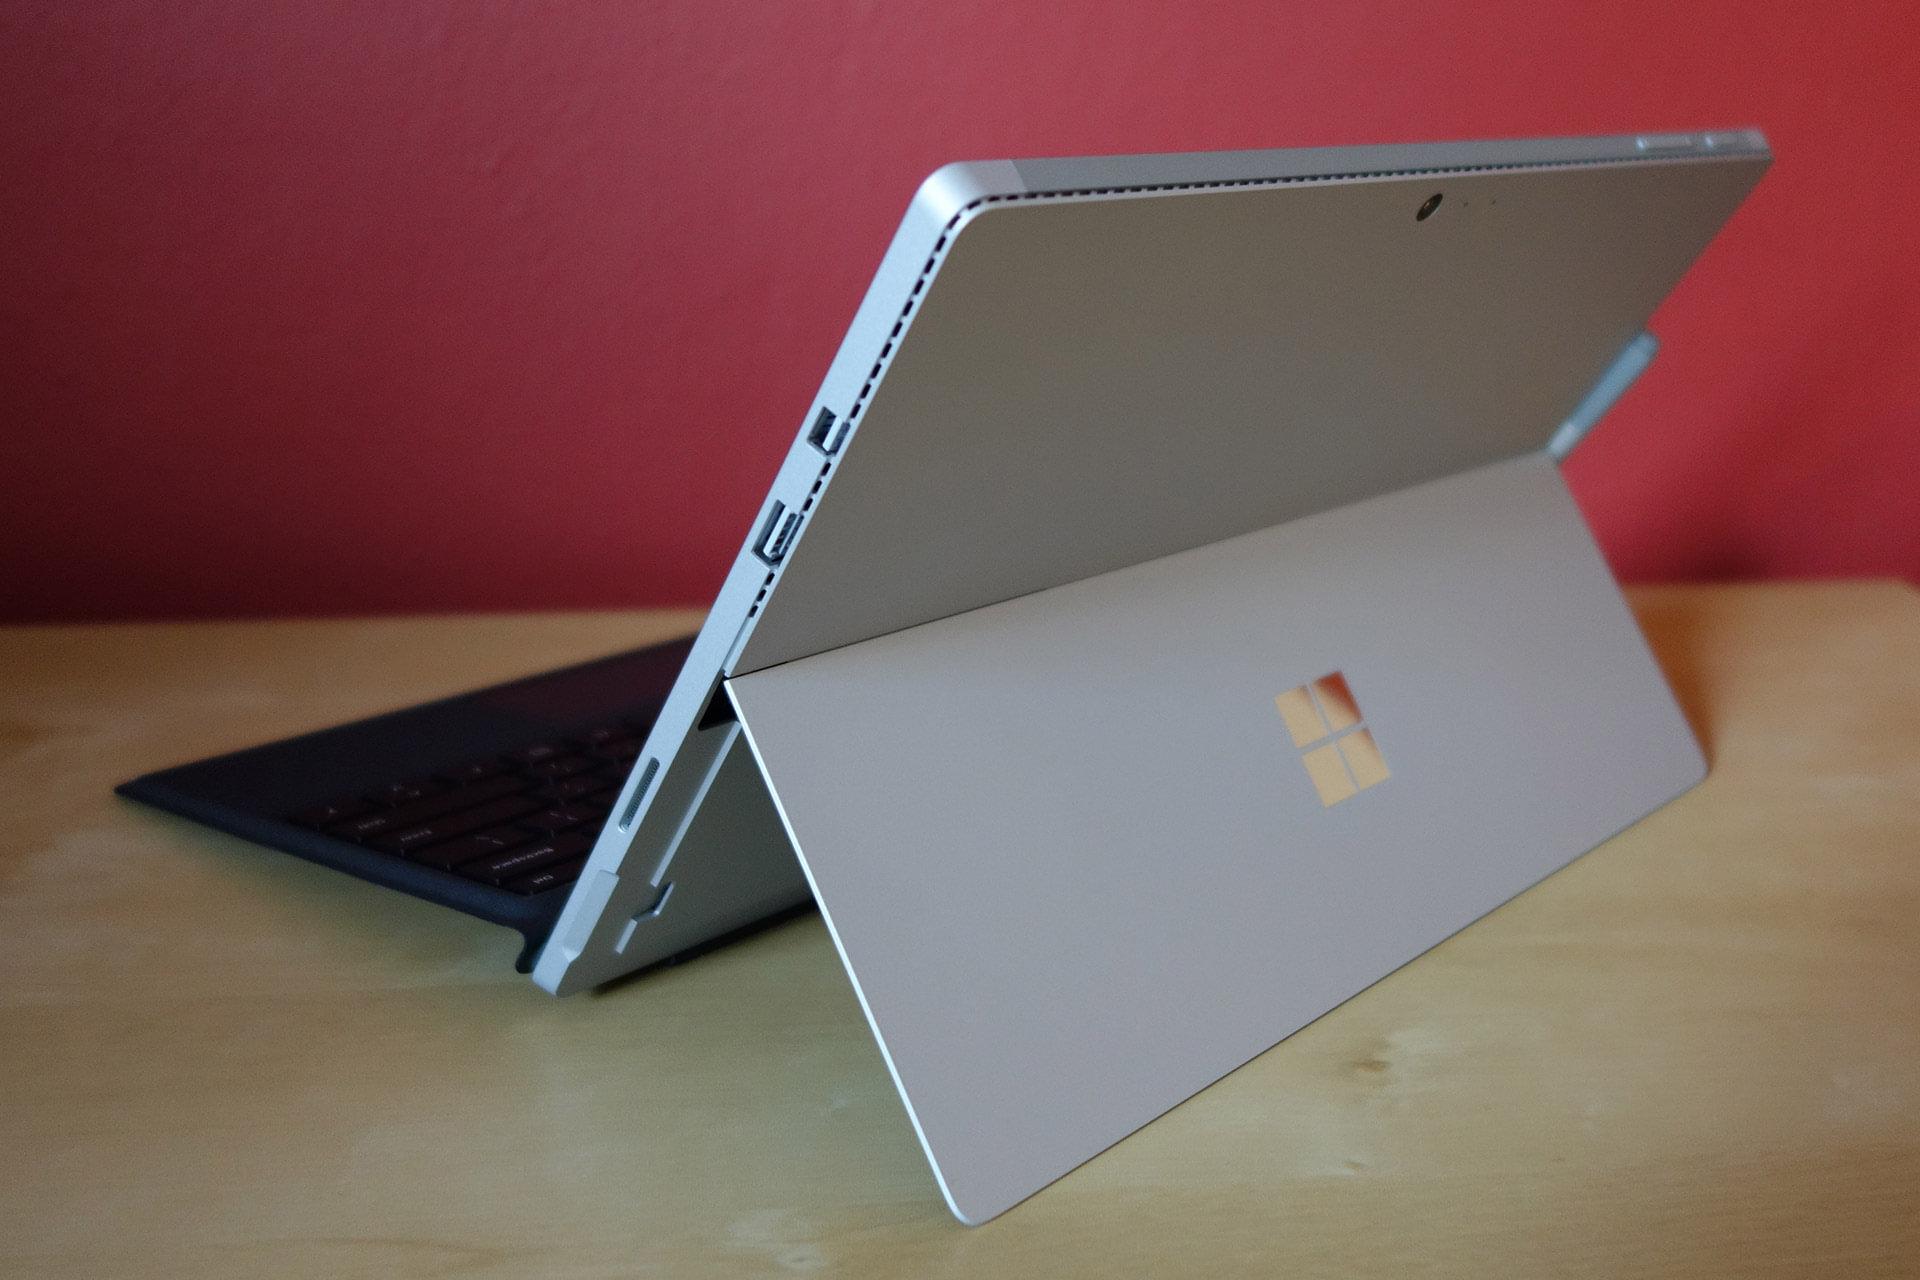 Rozpakowywanie hybrydy Surface Pro 4 19